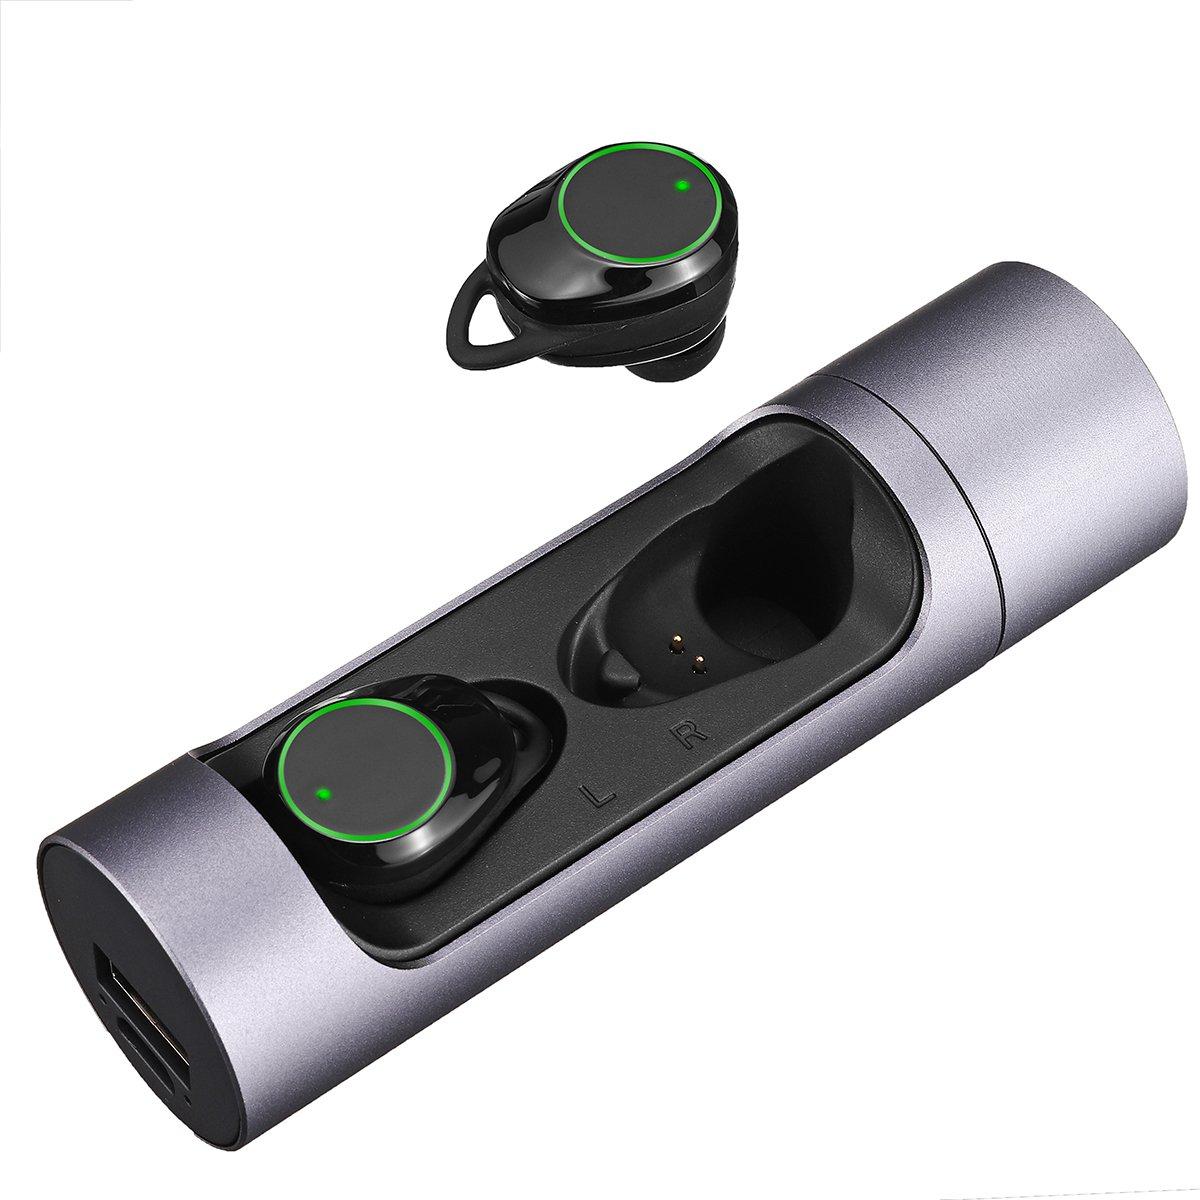 [True Wireless] X8 TWS bluetooth 5.0 HIFI Earphone Smart Breathing Light Touch Control IPX6 Waterpro